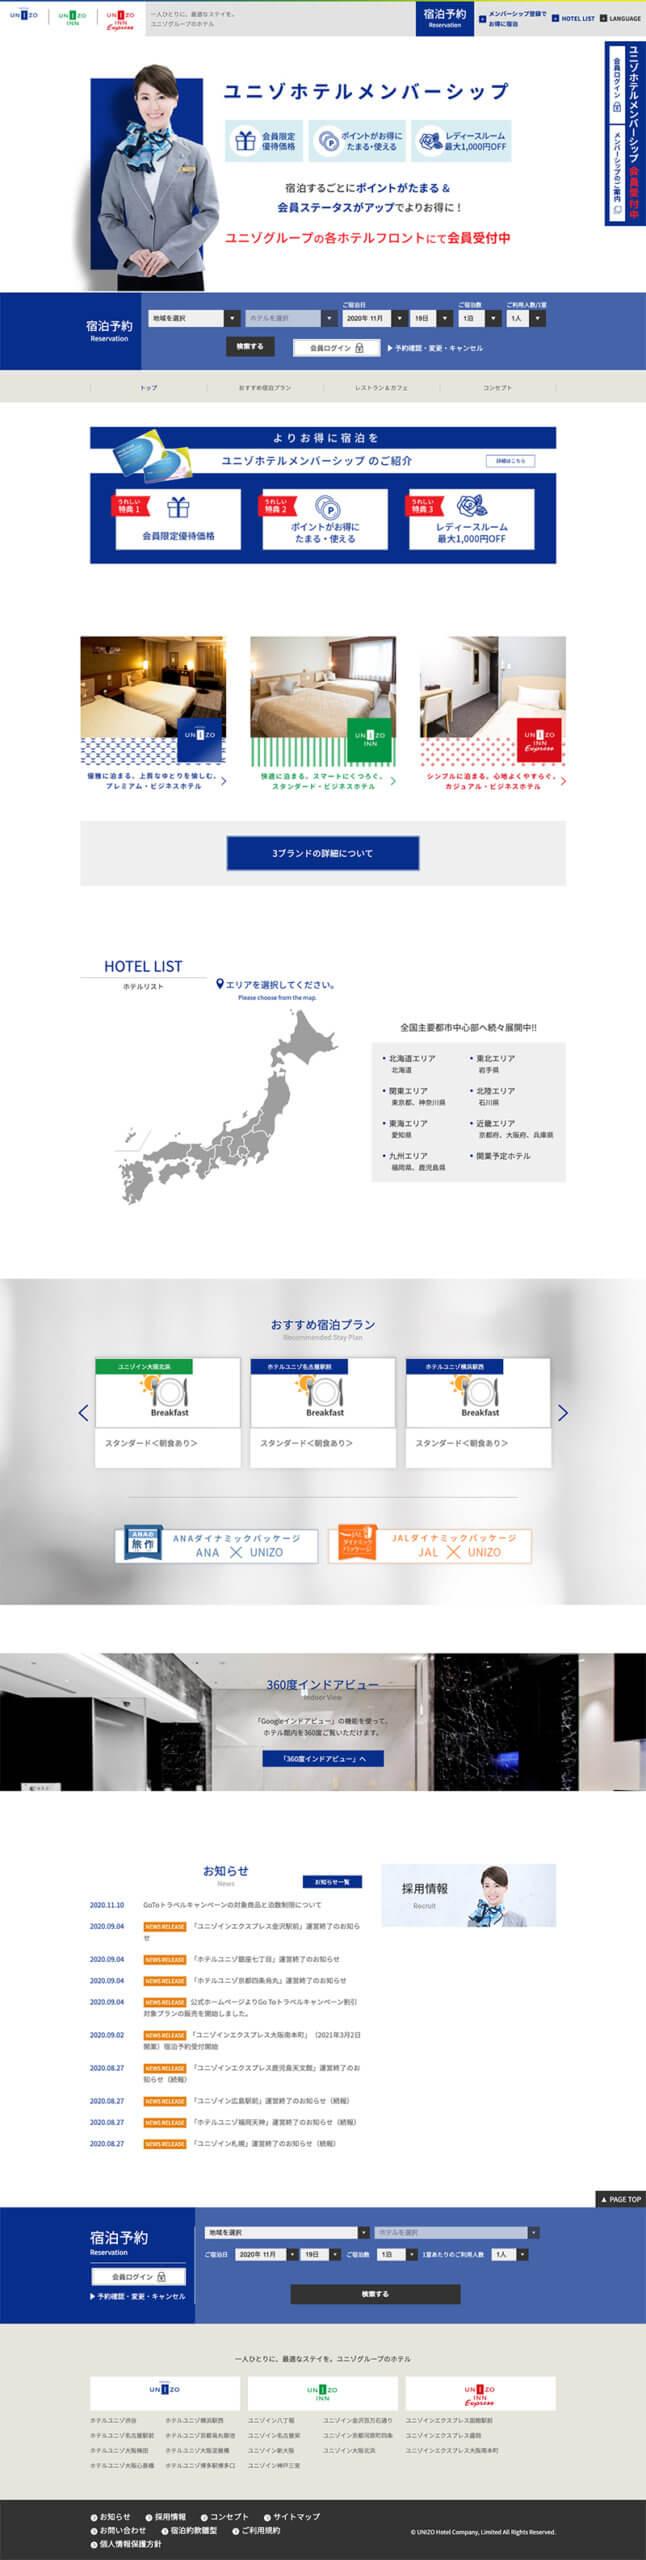 ユニゾグループのホテル【公式サイト】